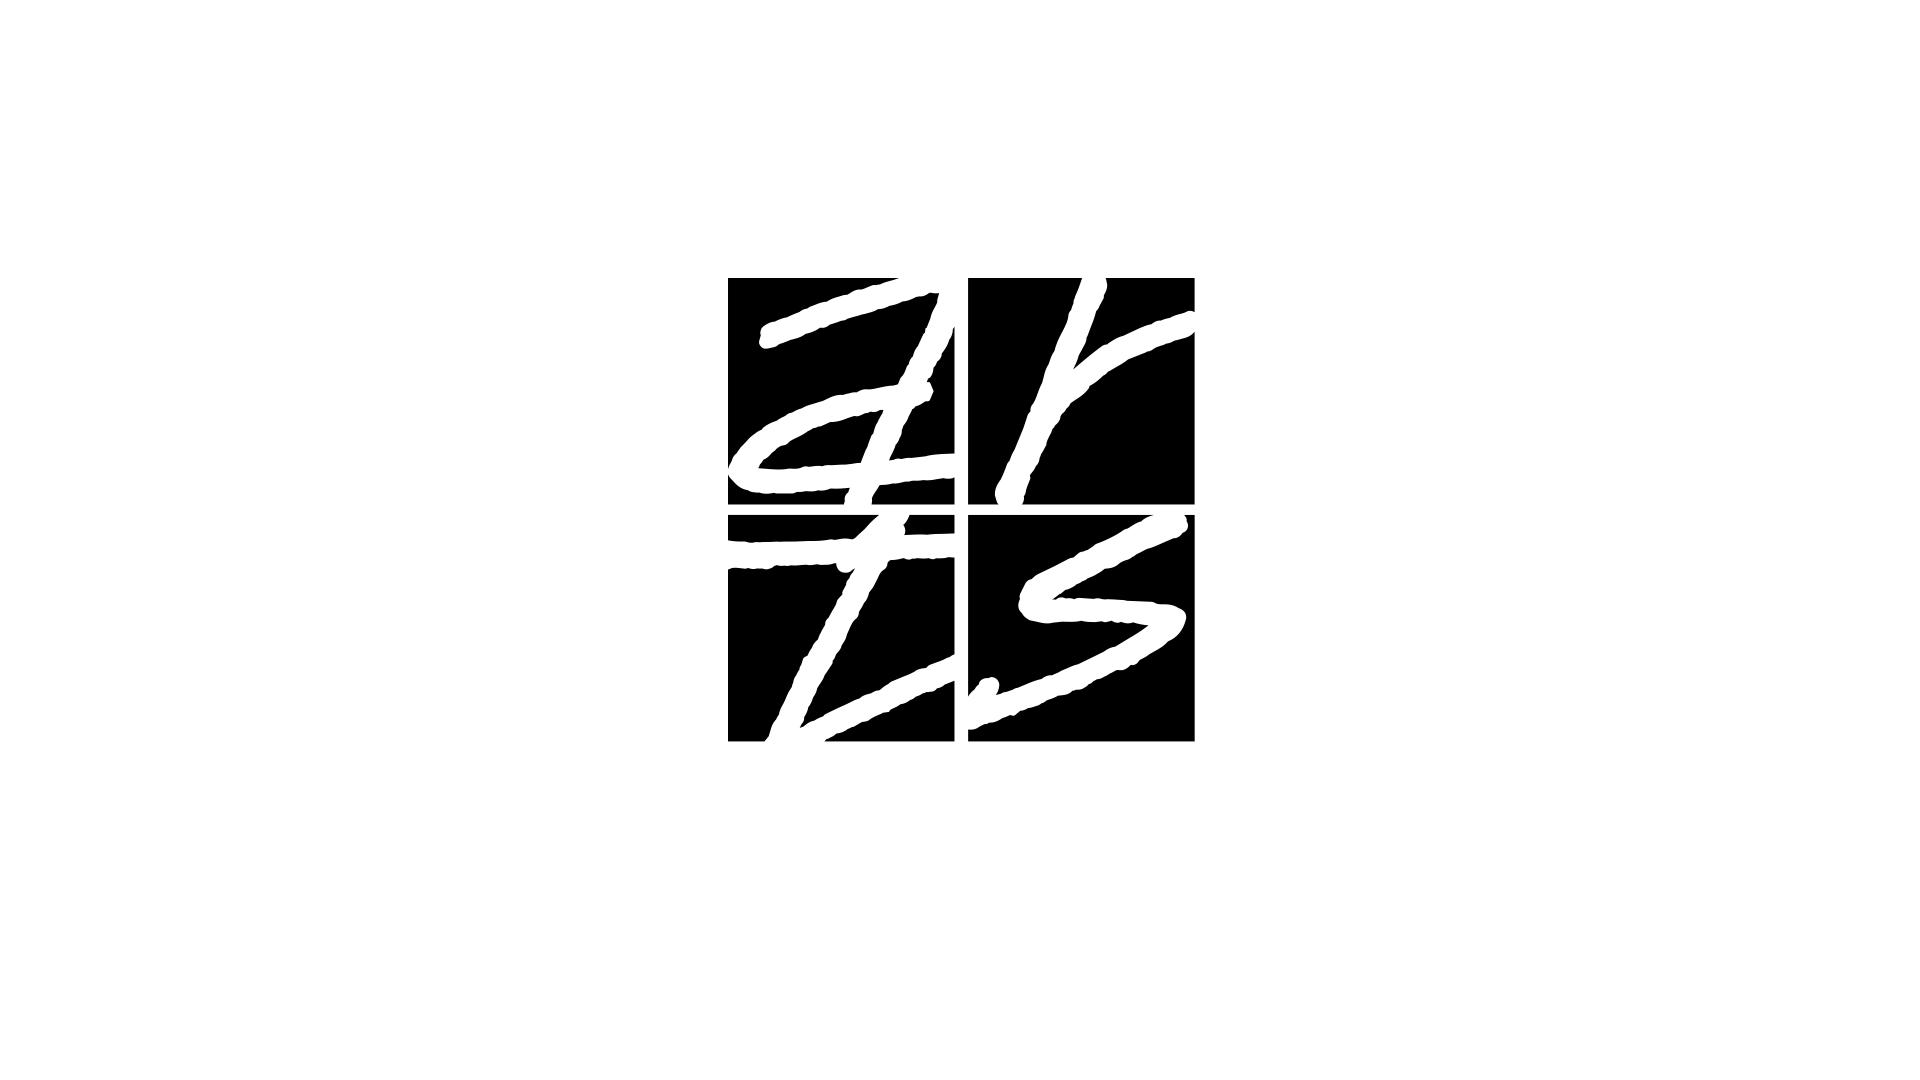 hotel arts barcelona logotype thomas manss amp company